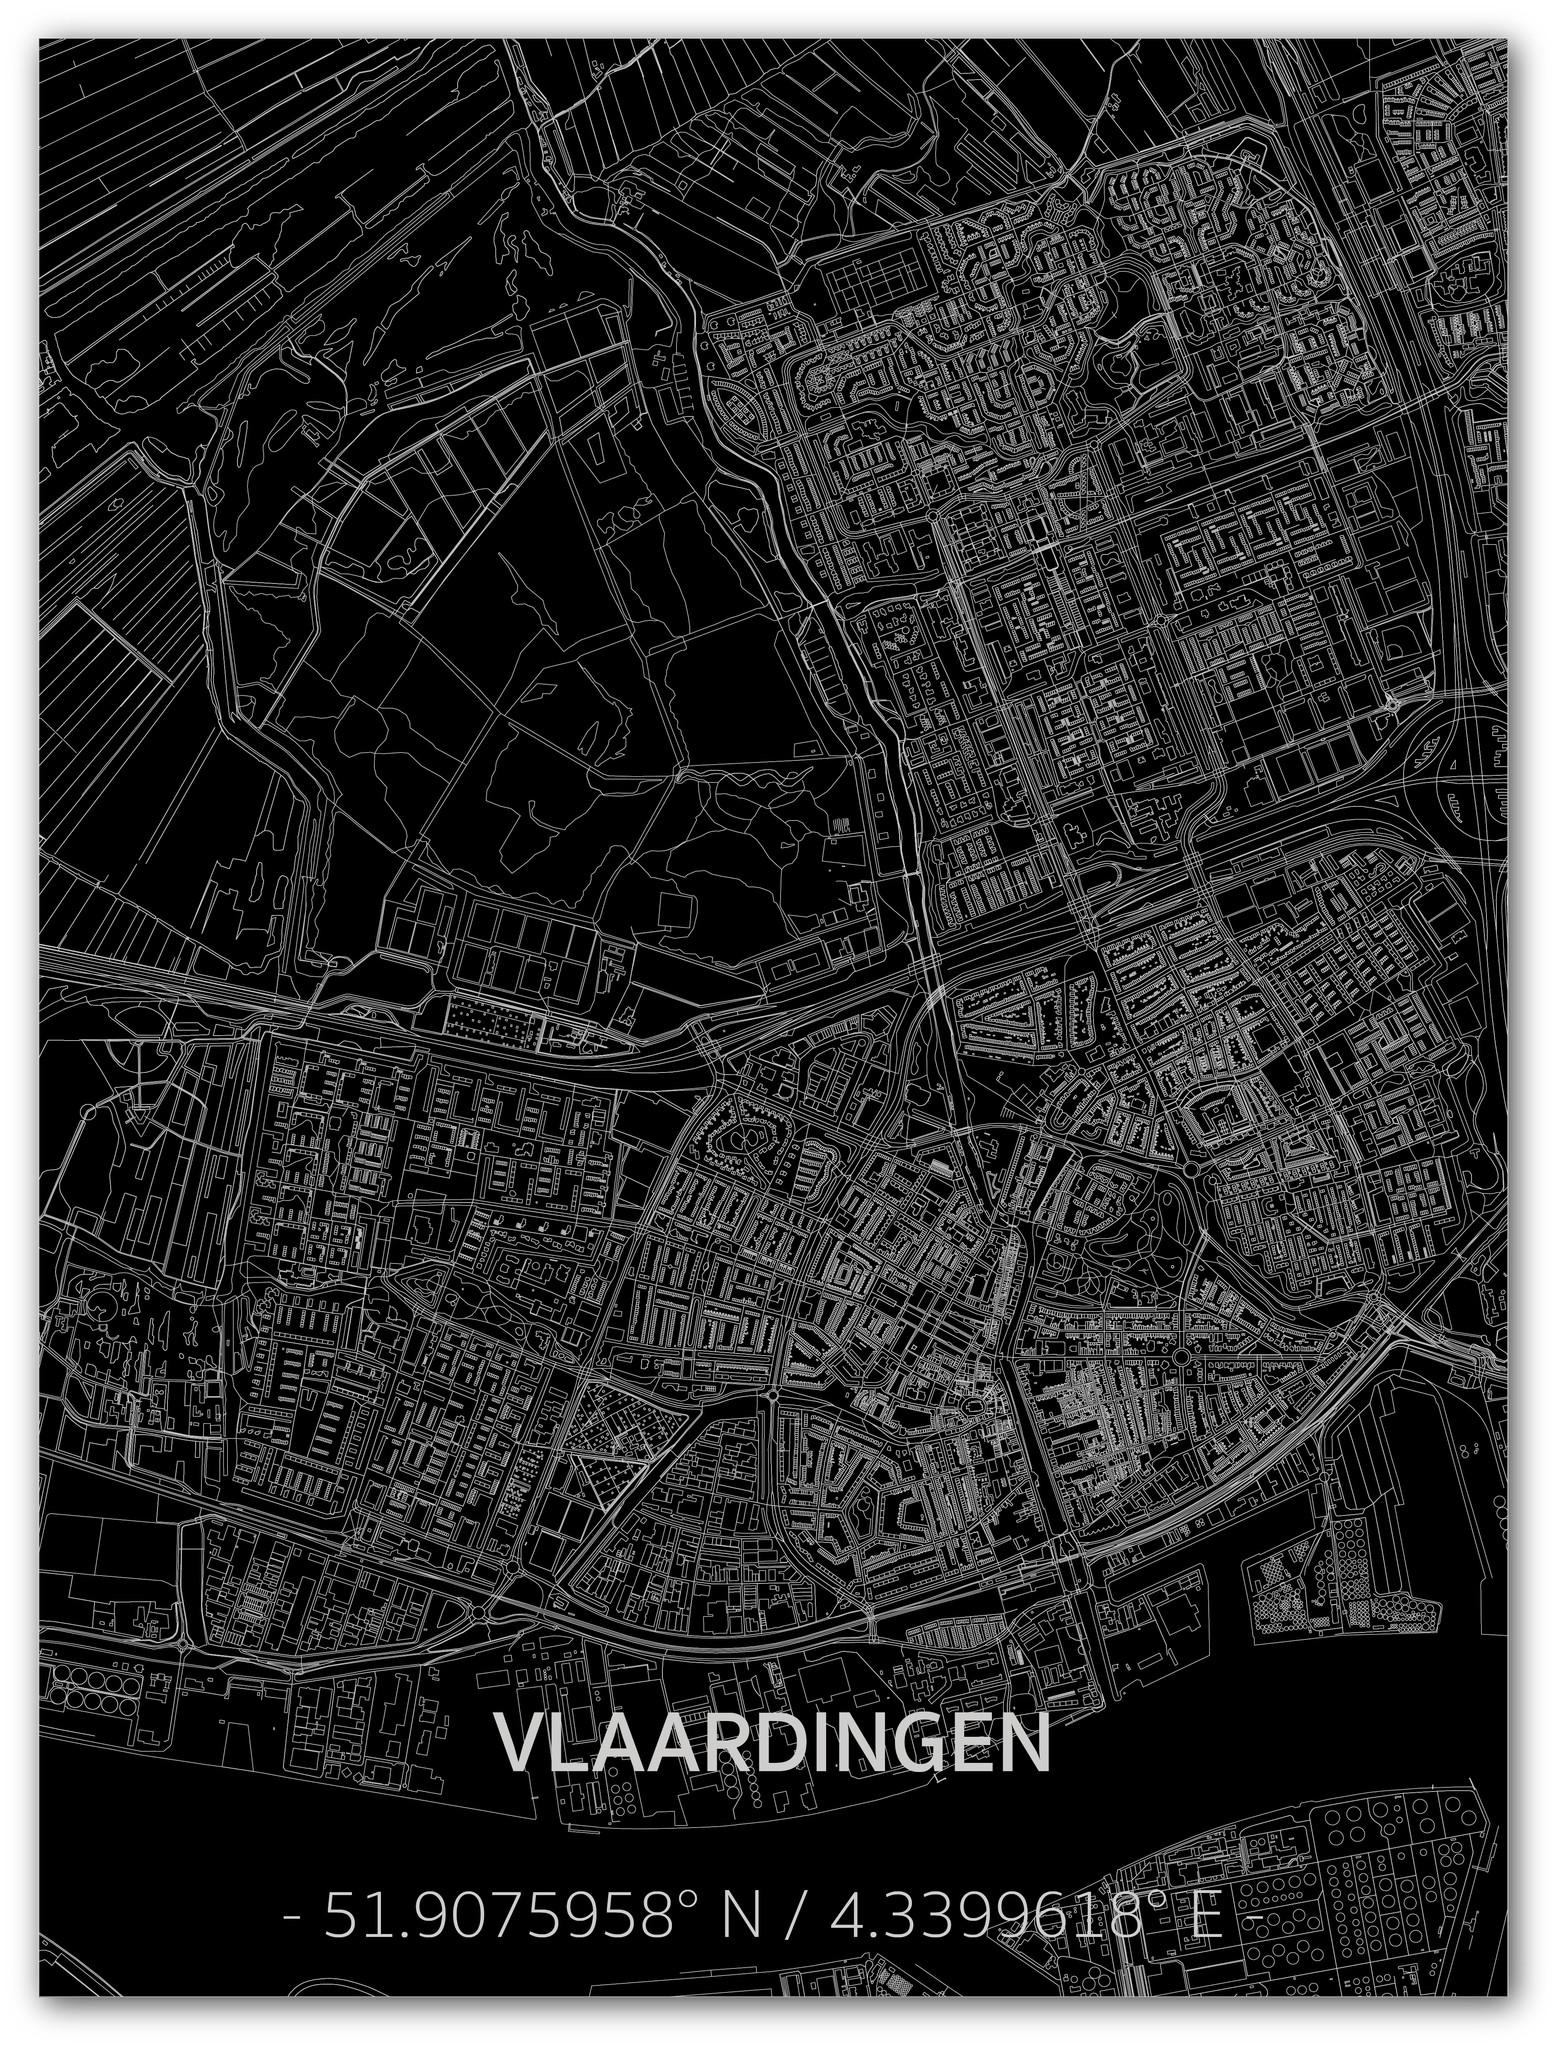 Citymap Vlaardingen | Aluminum wall decoration-1